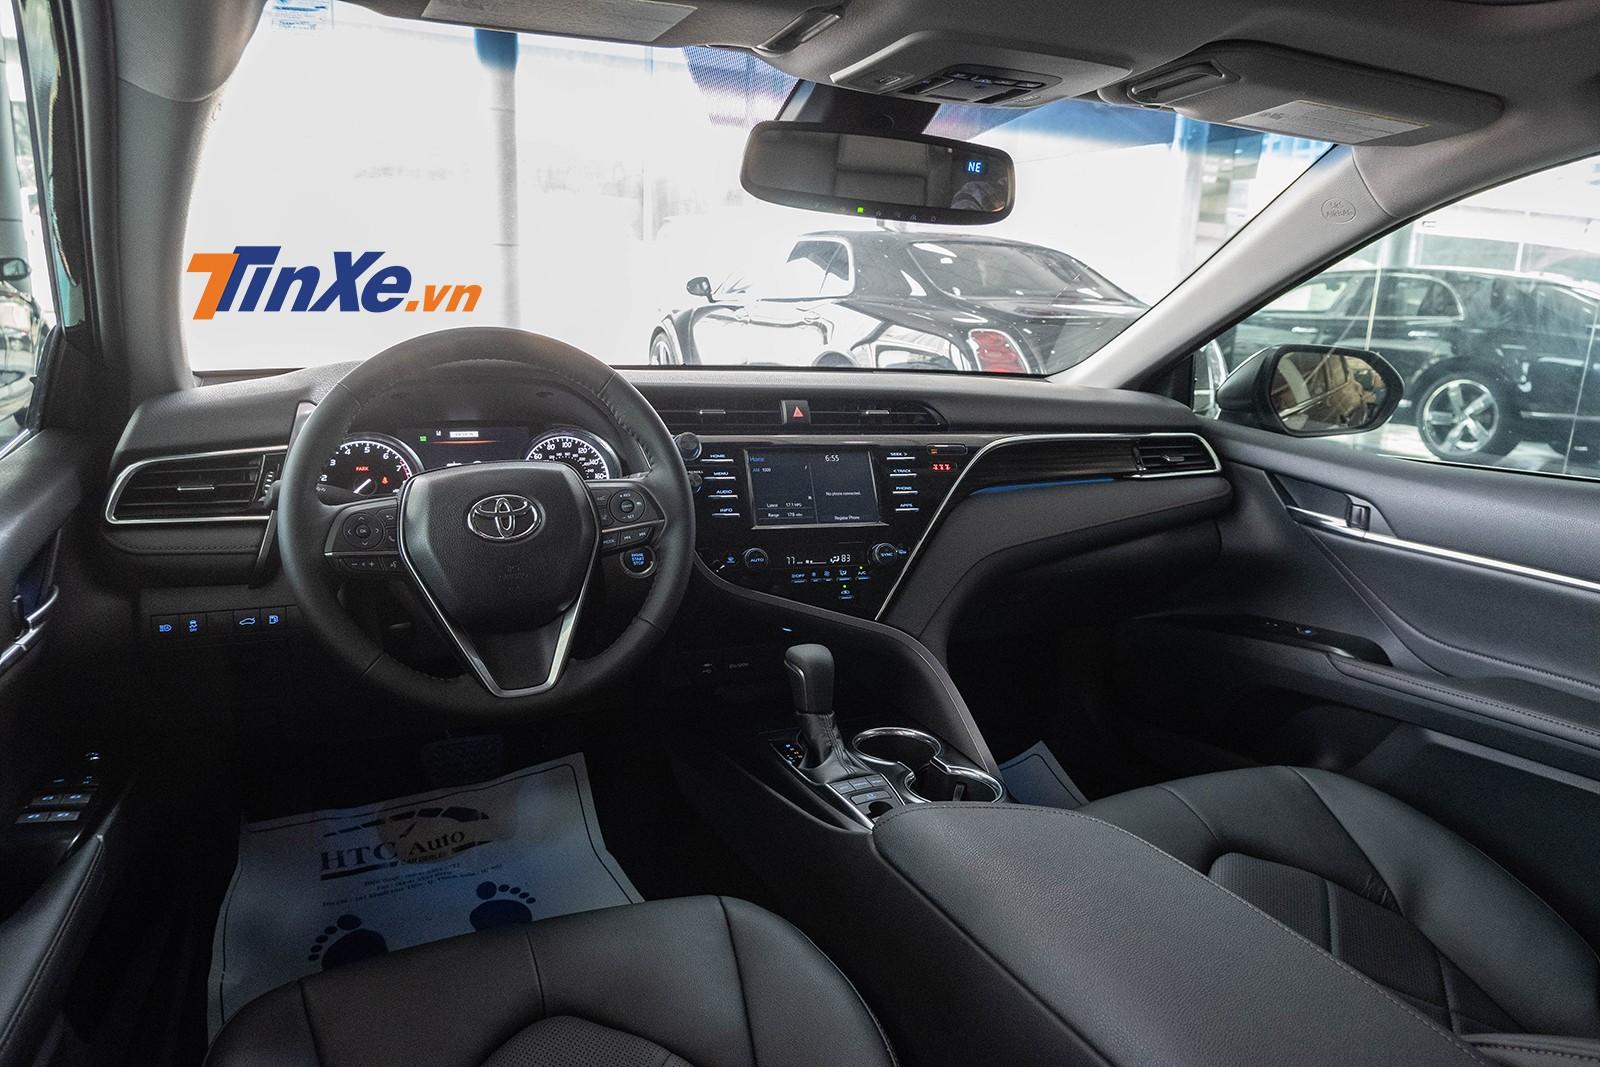 Tổng thể nội thất của Toyota Camry 2019 sang trọng với các chi tiết bọc da và ốp nhựa giả gỗ